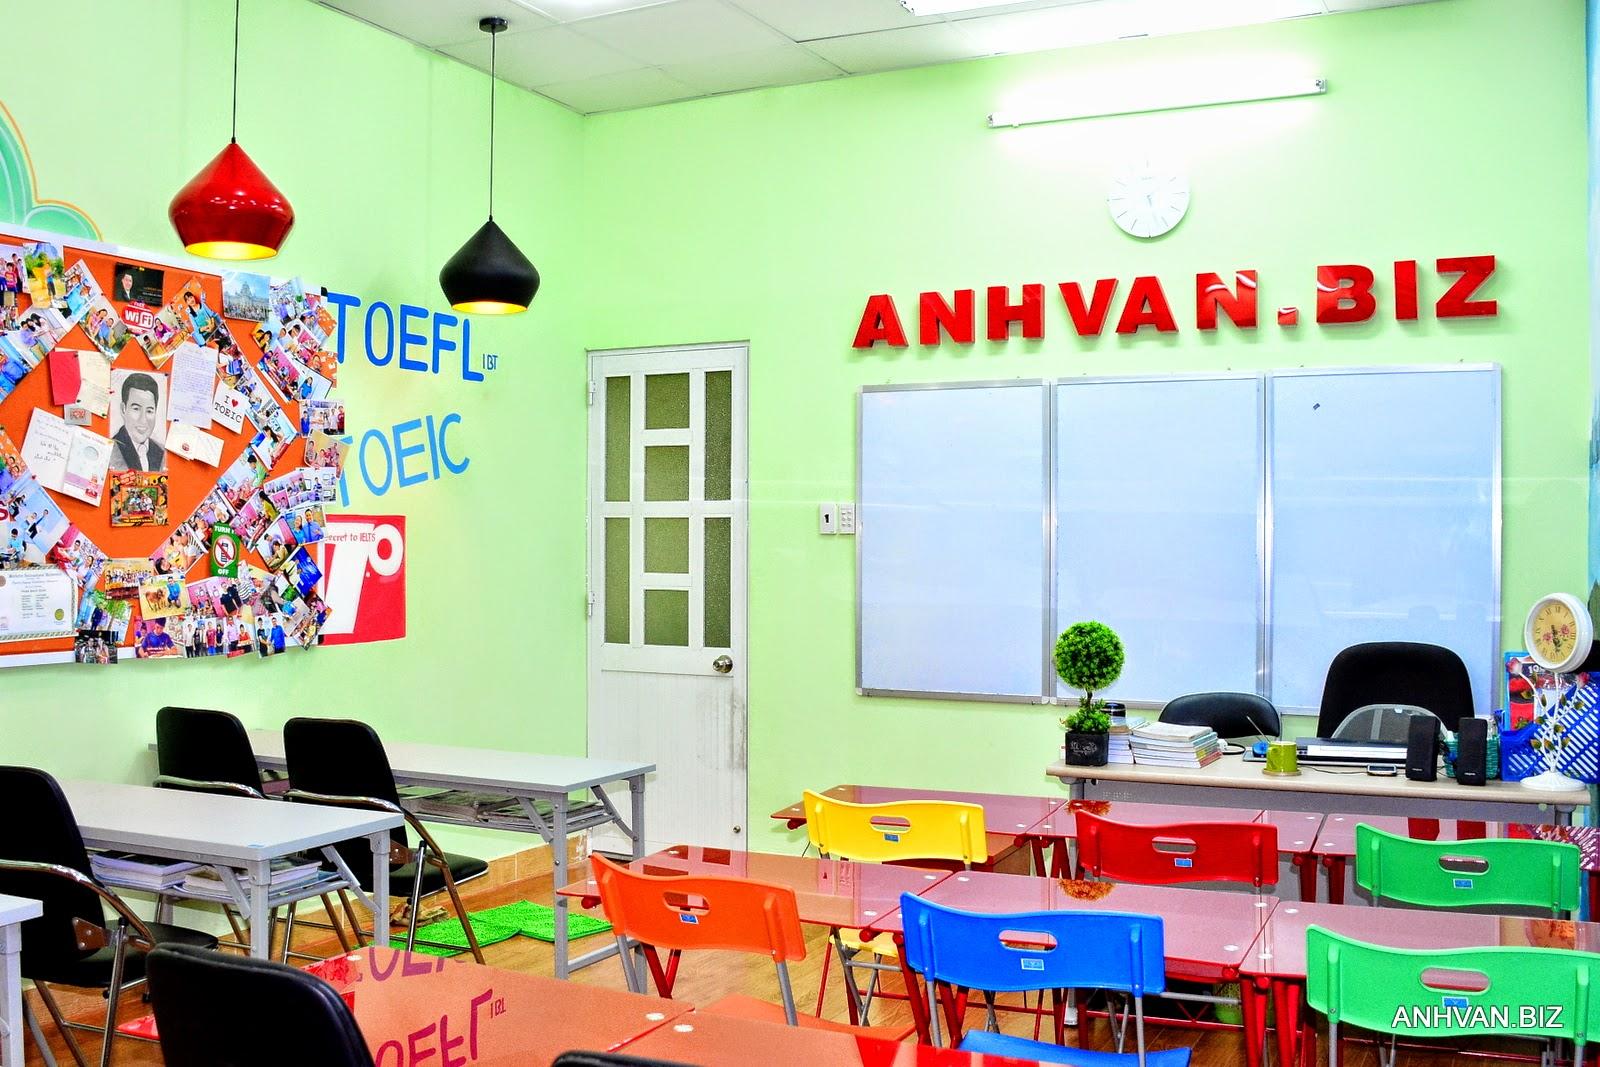 Phòng Học Anhvan.biz